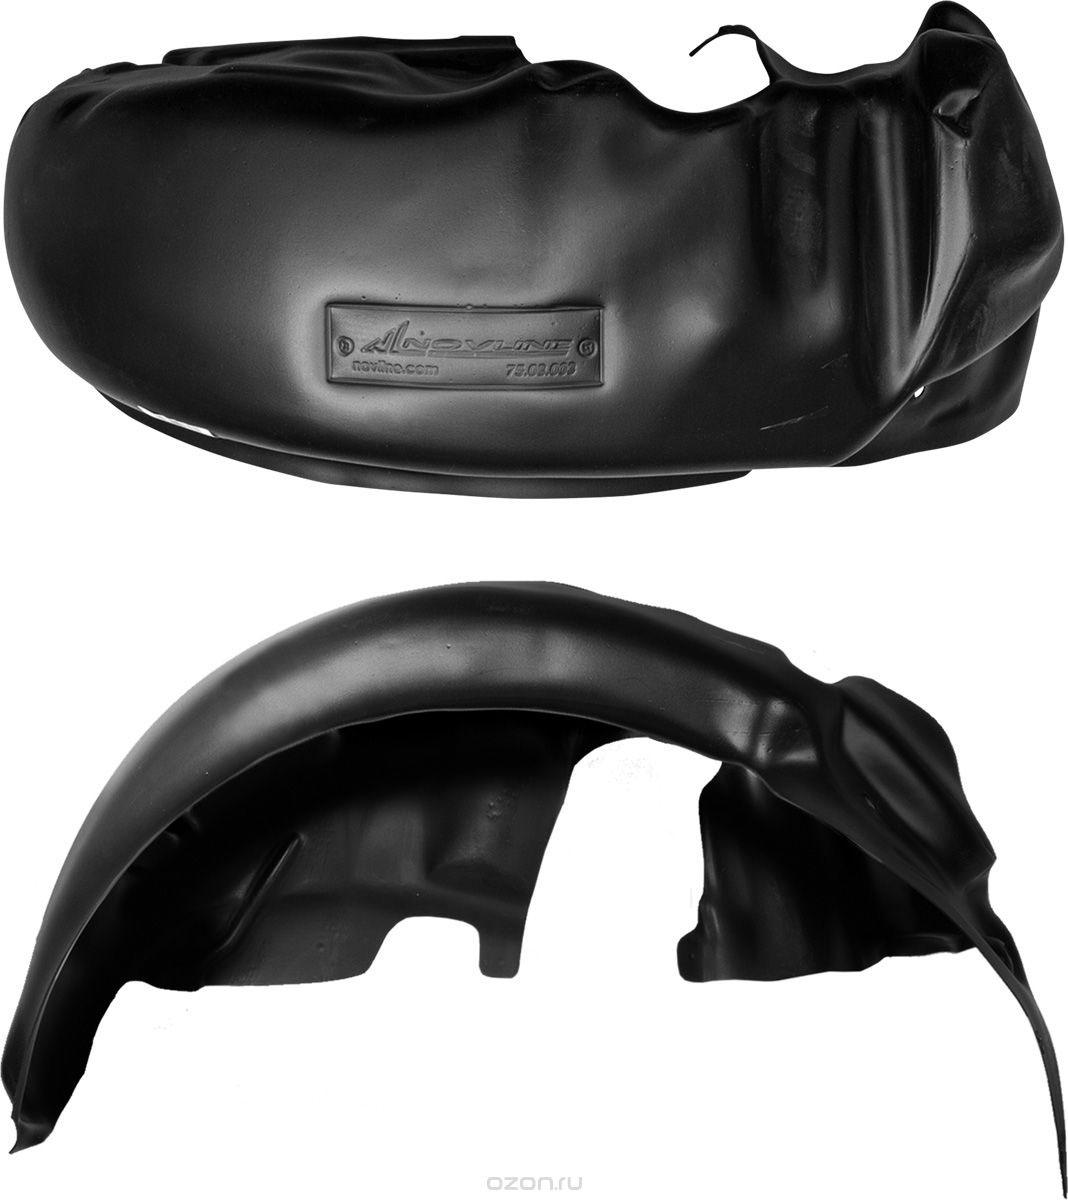 Подкрылок Novline-Autofamily, для MITSUBISHI Colt 3D 10/2009->, задний правый, NLL.35.21.004NLL.35.21.004Идеальная защита колесной ниши. Локеры разработаны с применением цифровых технологий, гарантируют максимальную повторяемость поверхности арки. Изделия устанавливаются без нарушения лакокрасочного покрытия автомобиля, каждый подкрылок комплектуется крепежом. Уважаемые клиенты, обращаем ваше внимание, что фотографии на подкрылки универсальные и не отражают реальную форму изделия. При этом само изделие идет точно под размер указанного автомобиля.